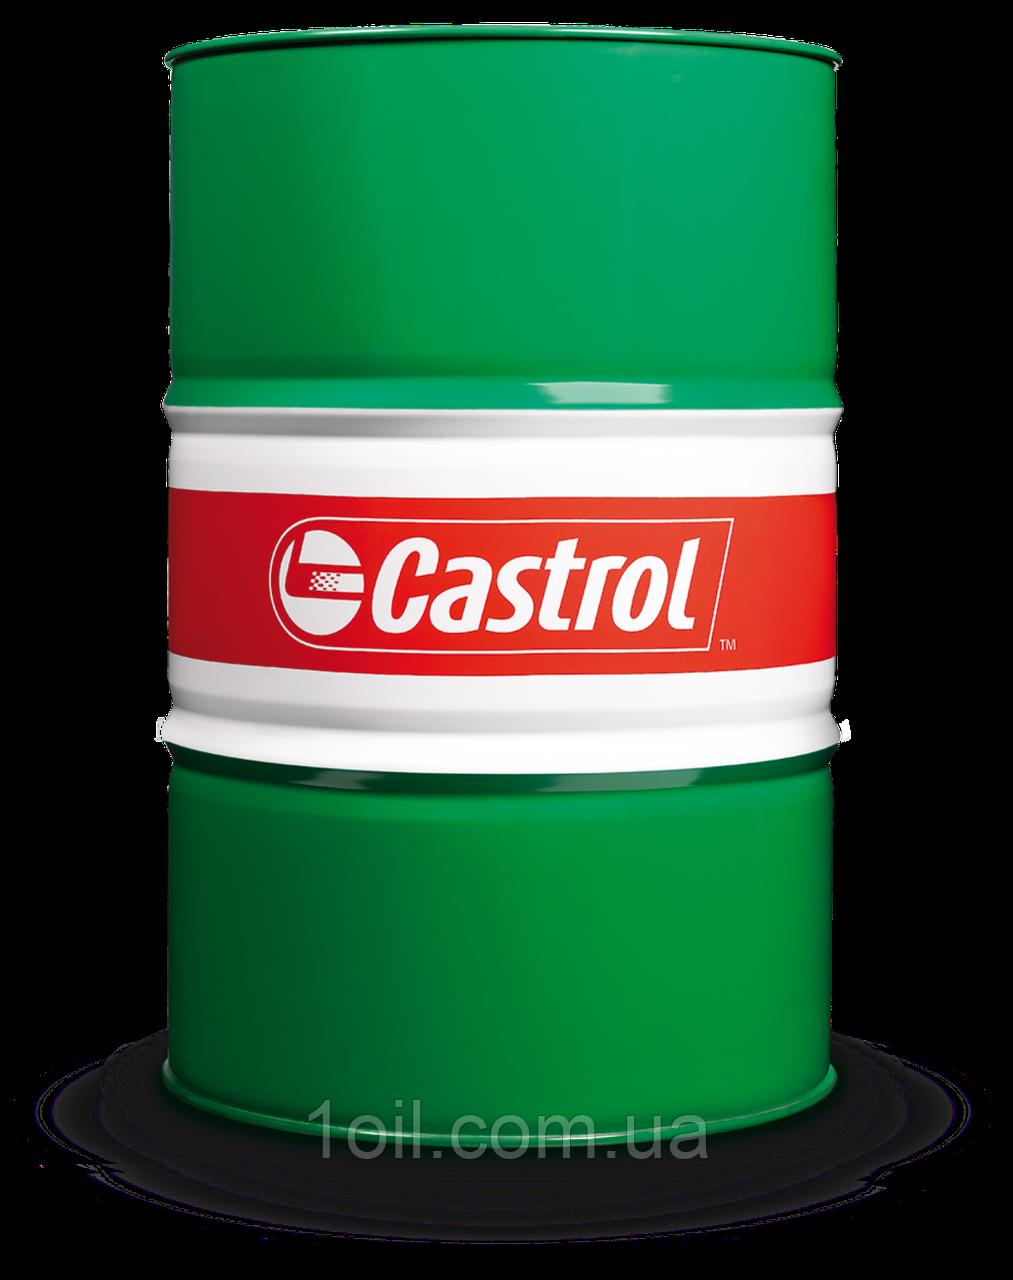 Масло трансмиссионное Castrol ATF Dex II Multivehicle 60L